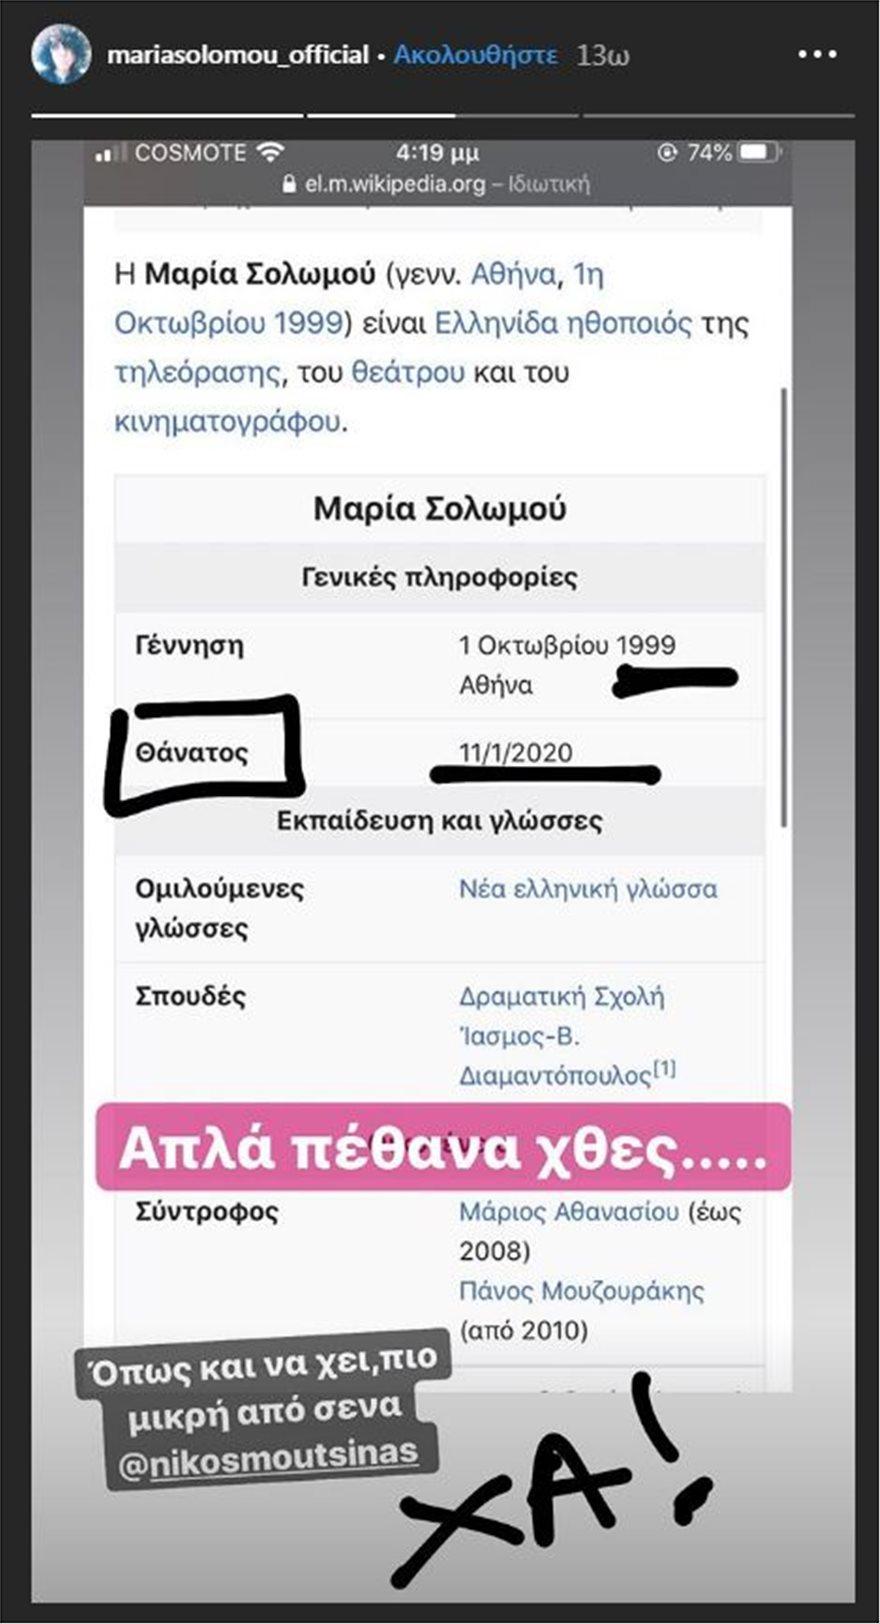 Η αντίδραση της Μαρίας Σολωμού στην «είδηση» πως έχει πεθάνει, σύμφωνα με το Wikipedia